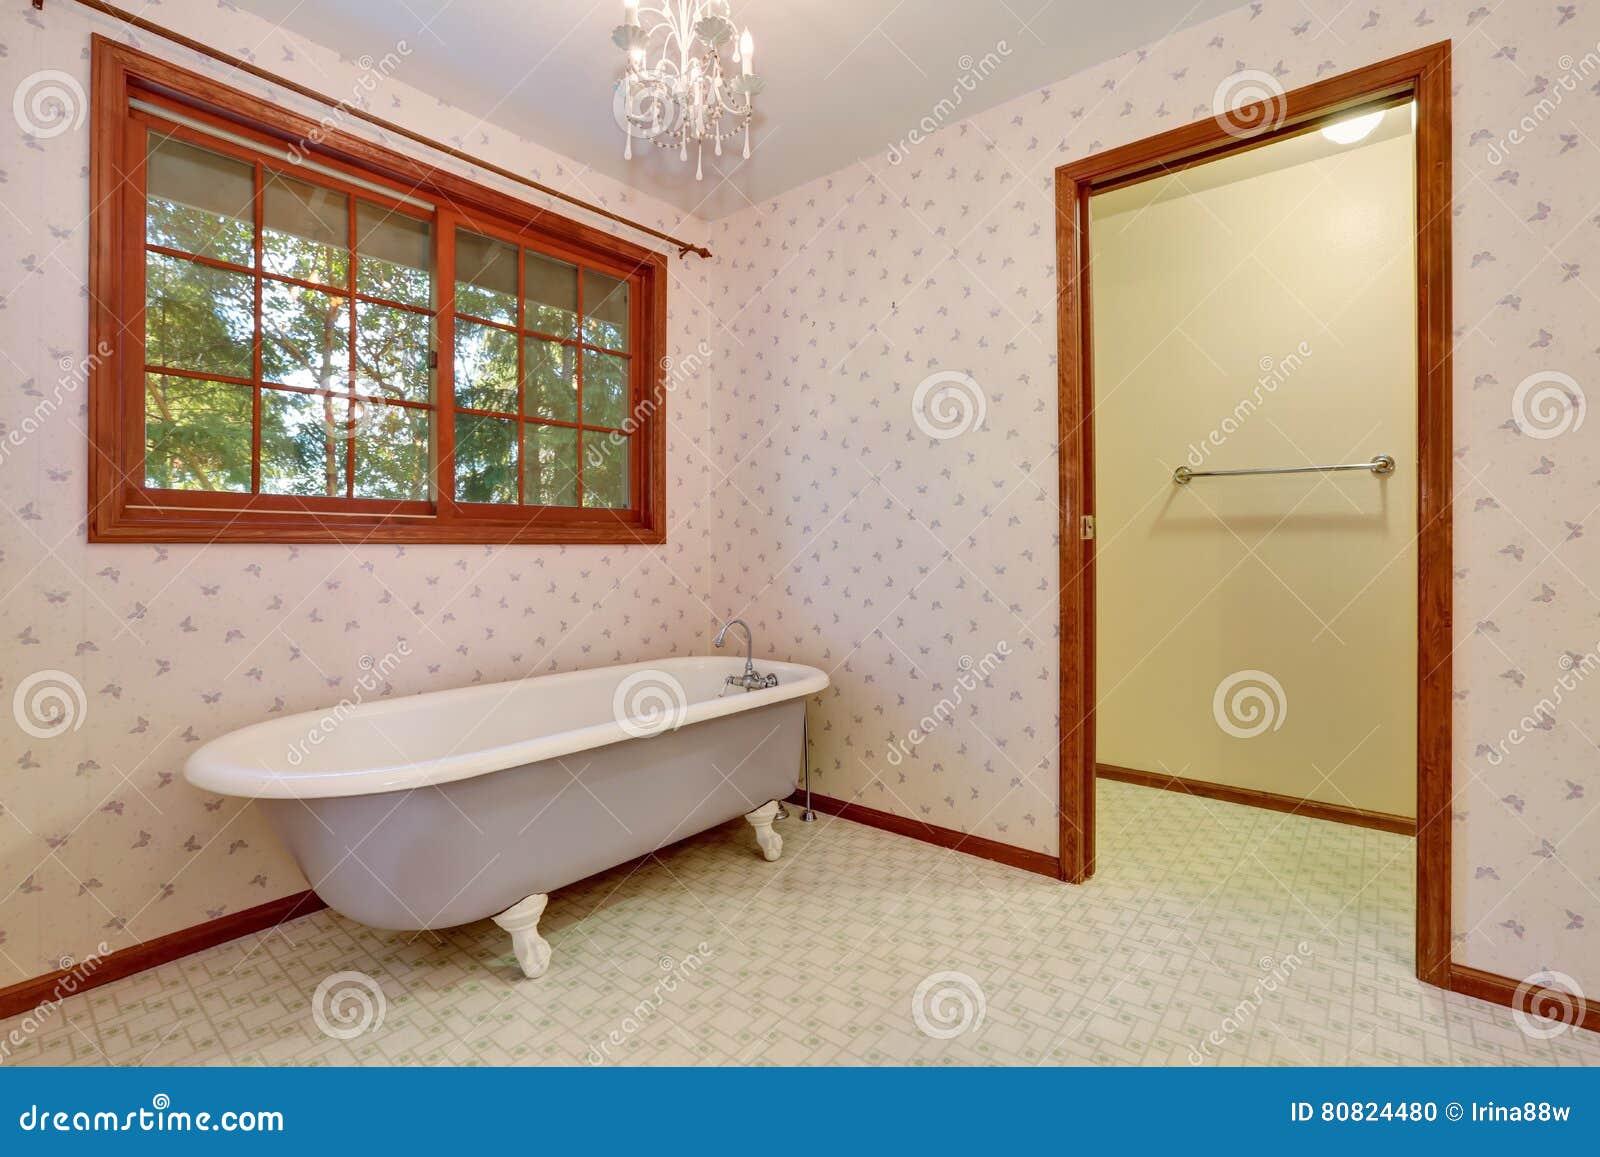 Vasca Da Bagno Retro : Vasca da bagno indipendente nell angolo di retro bagno fotografia